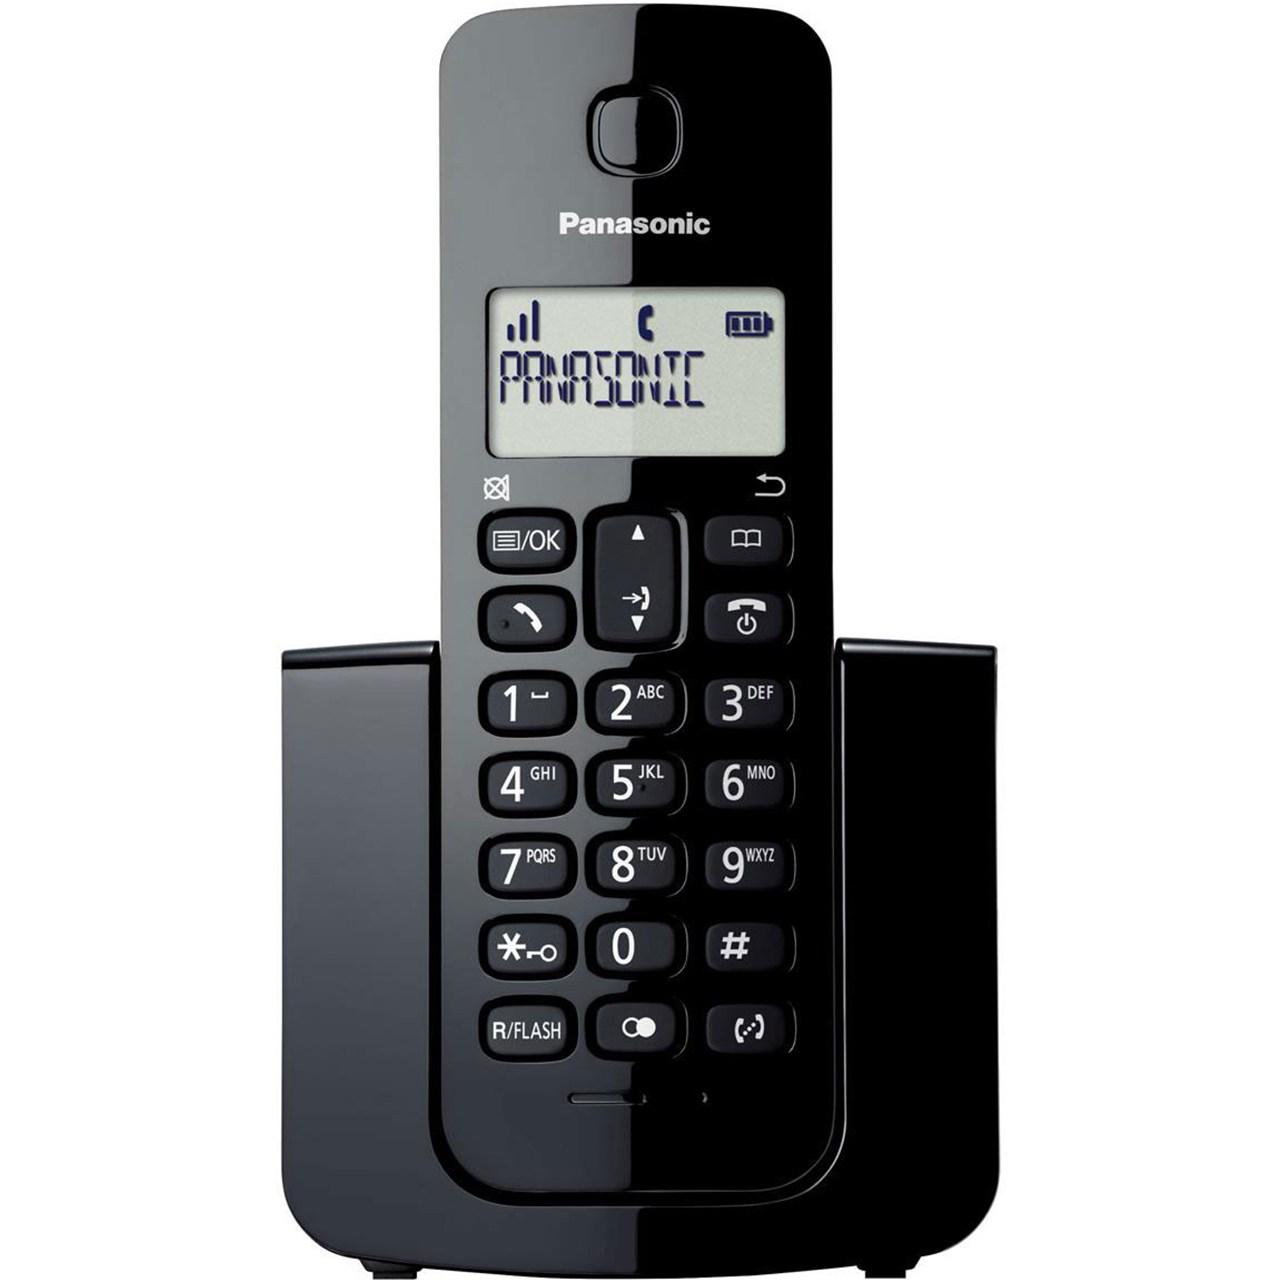 خرید اینترنتی تلفن بیسیم پاناسونیک مدل KX-TGB110